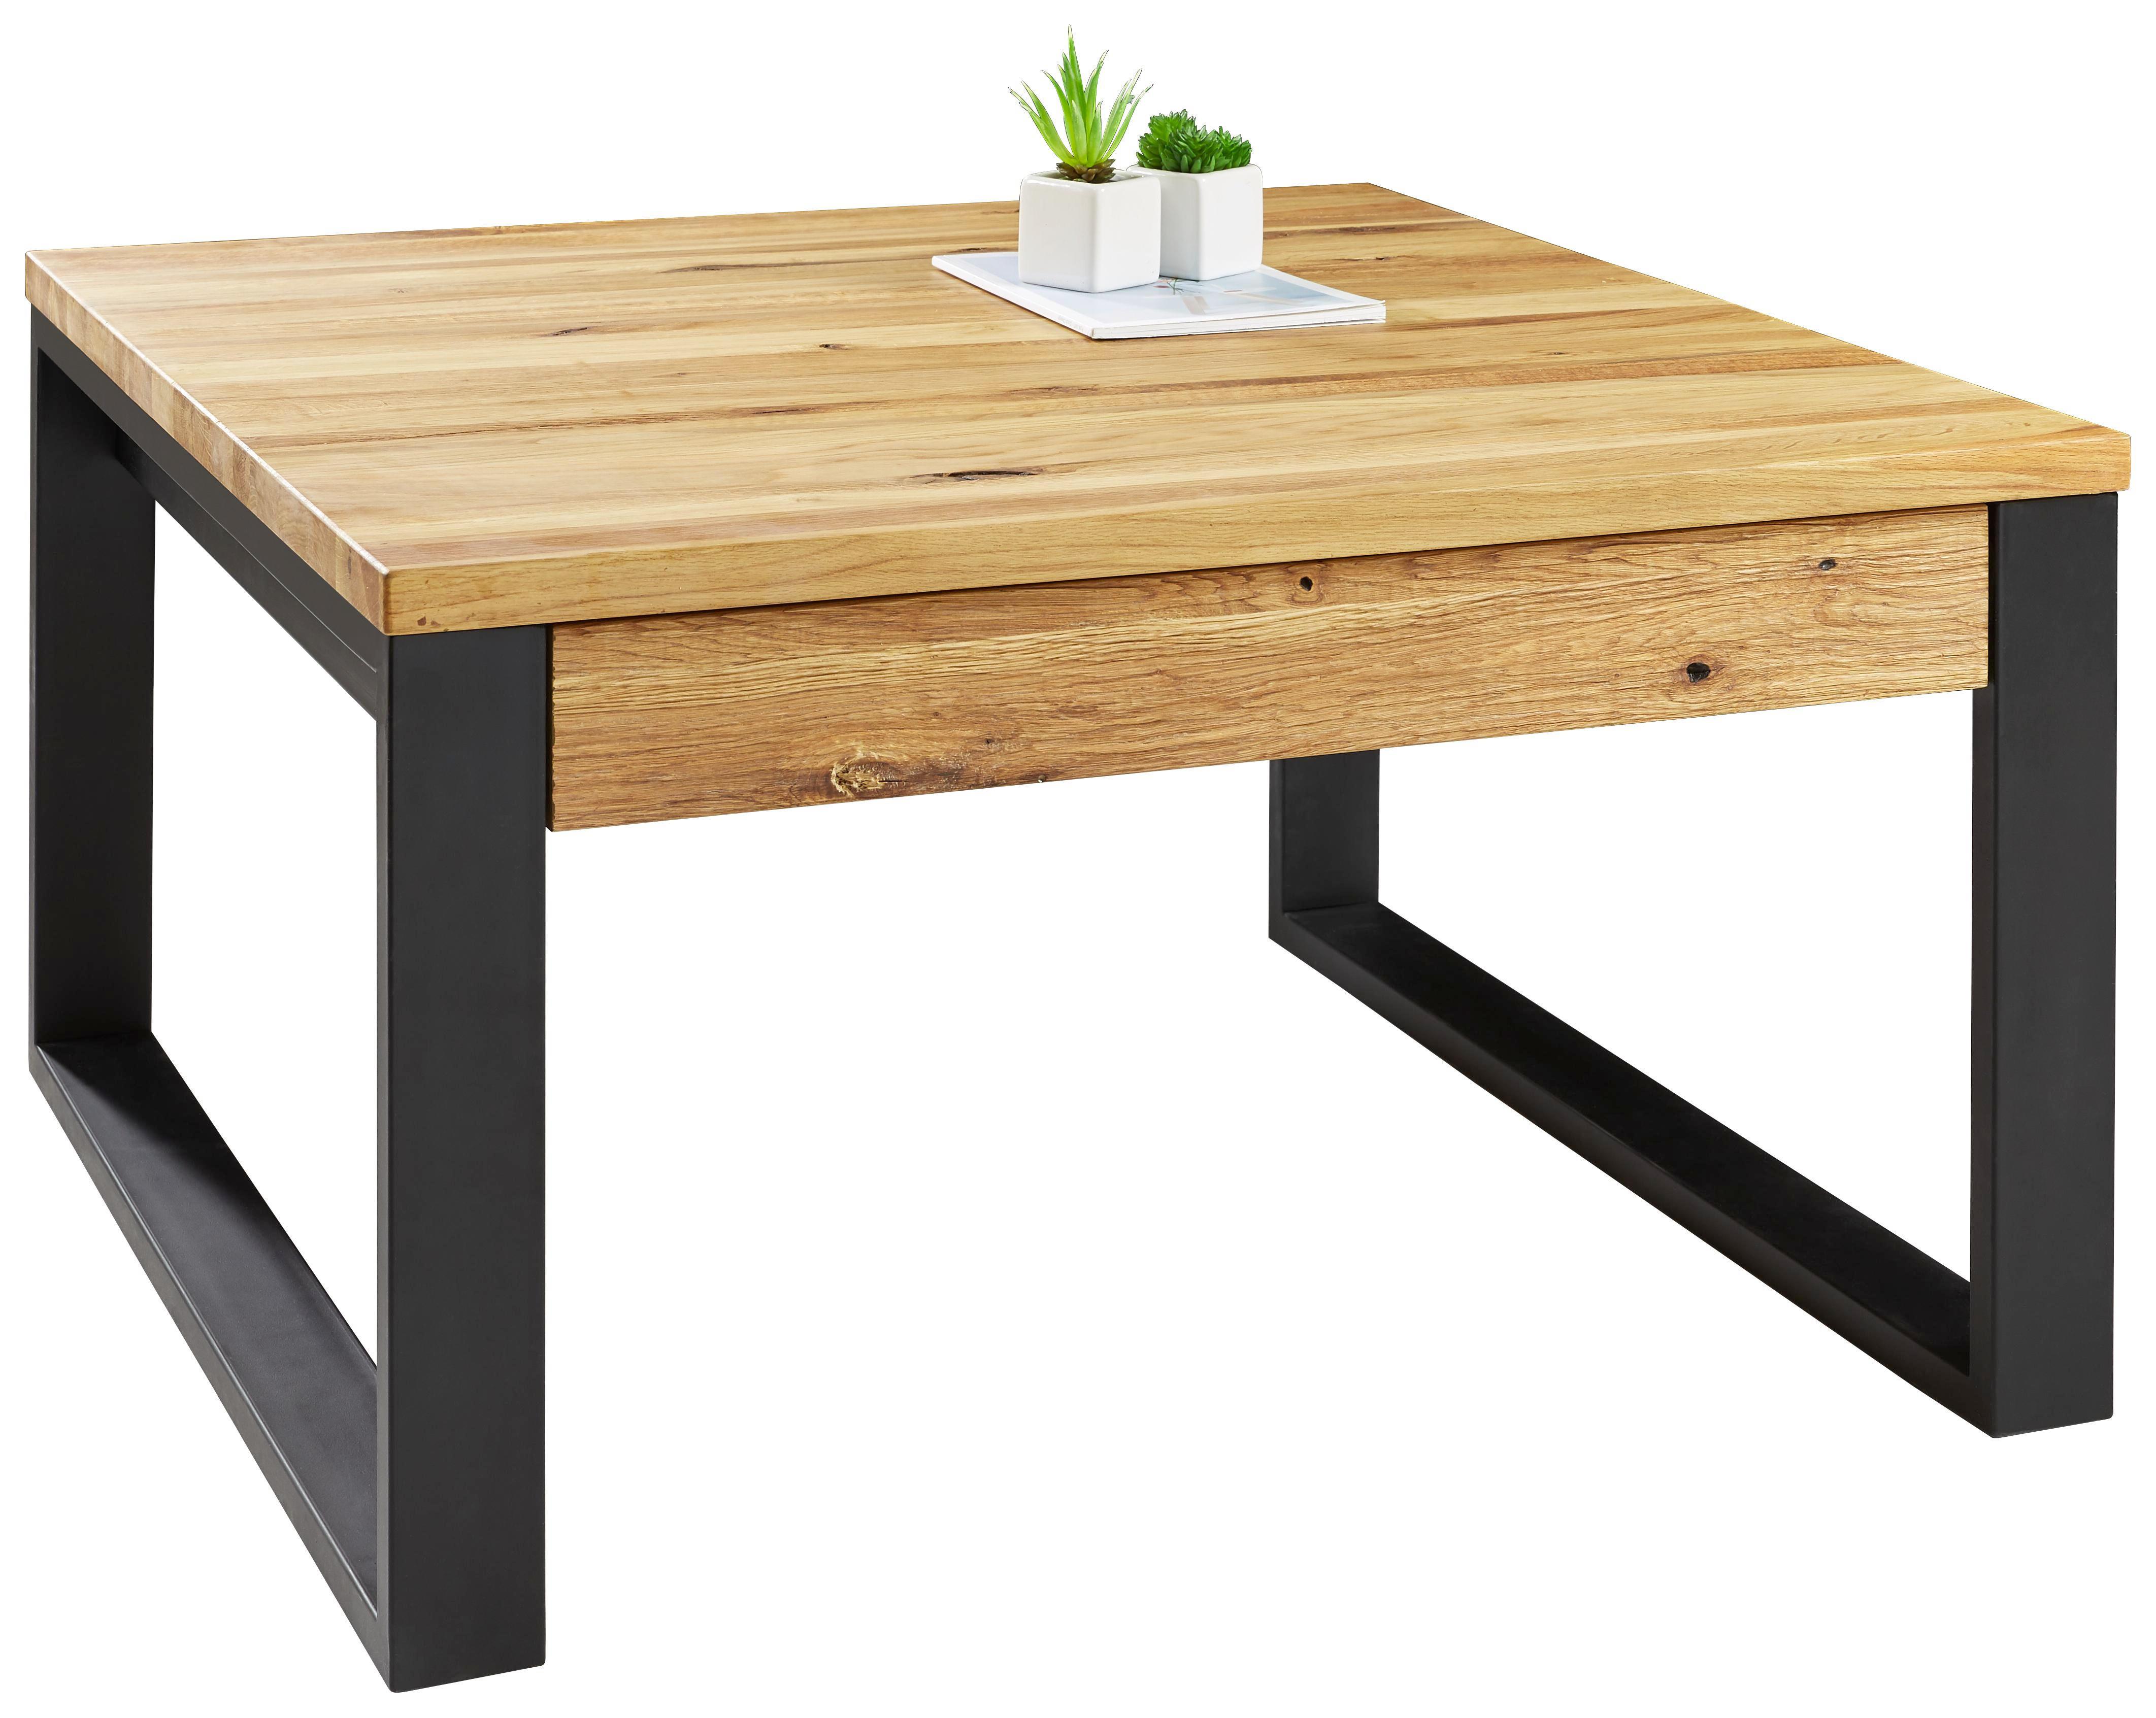 Excellent Couchtisch Eiche Massiv Quadratisch Eichefarben Schwarz Design  Holz With Couchtisch Eiche Metall